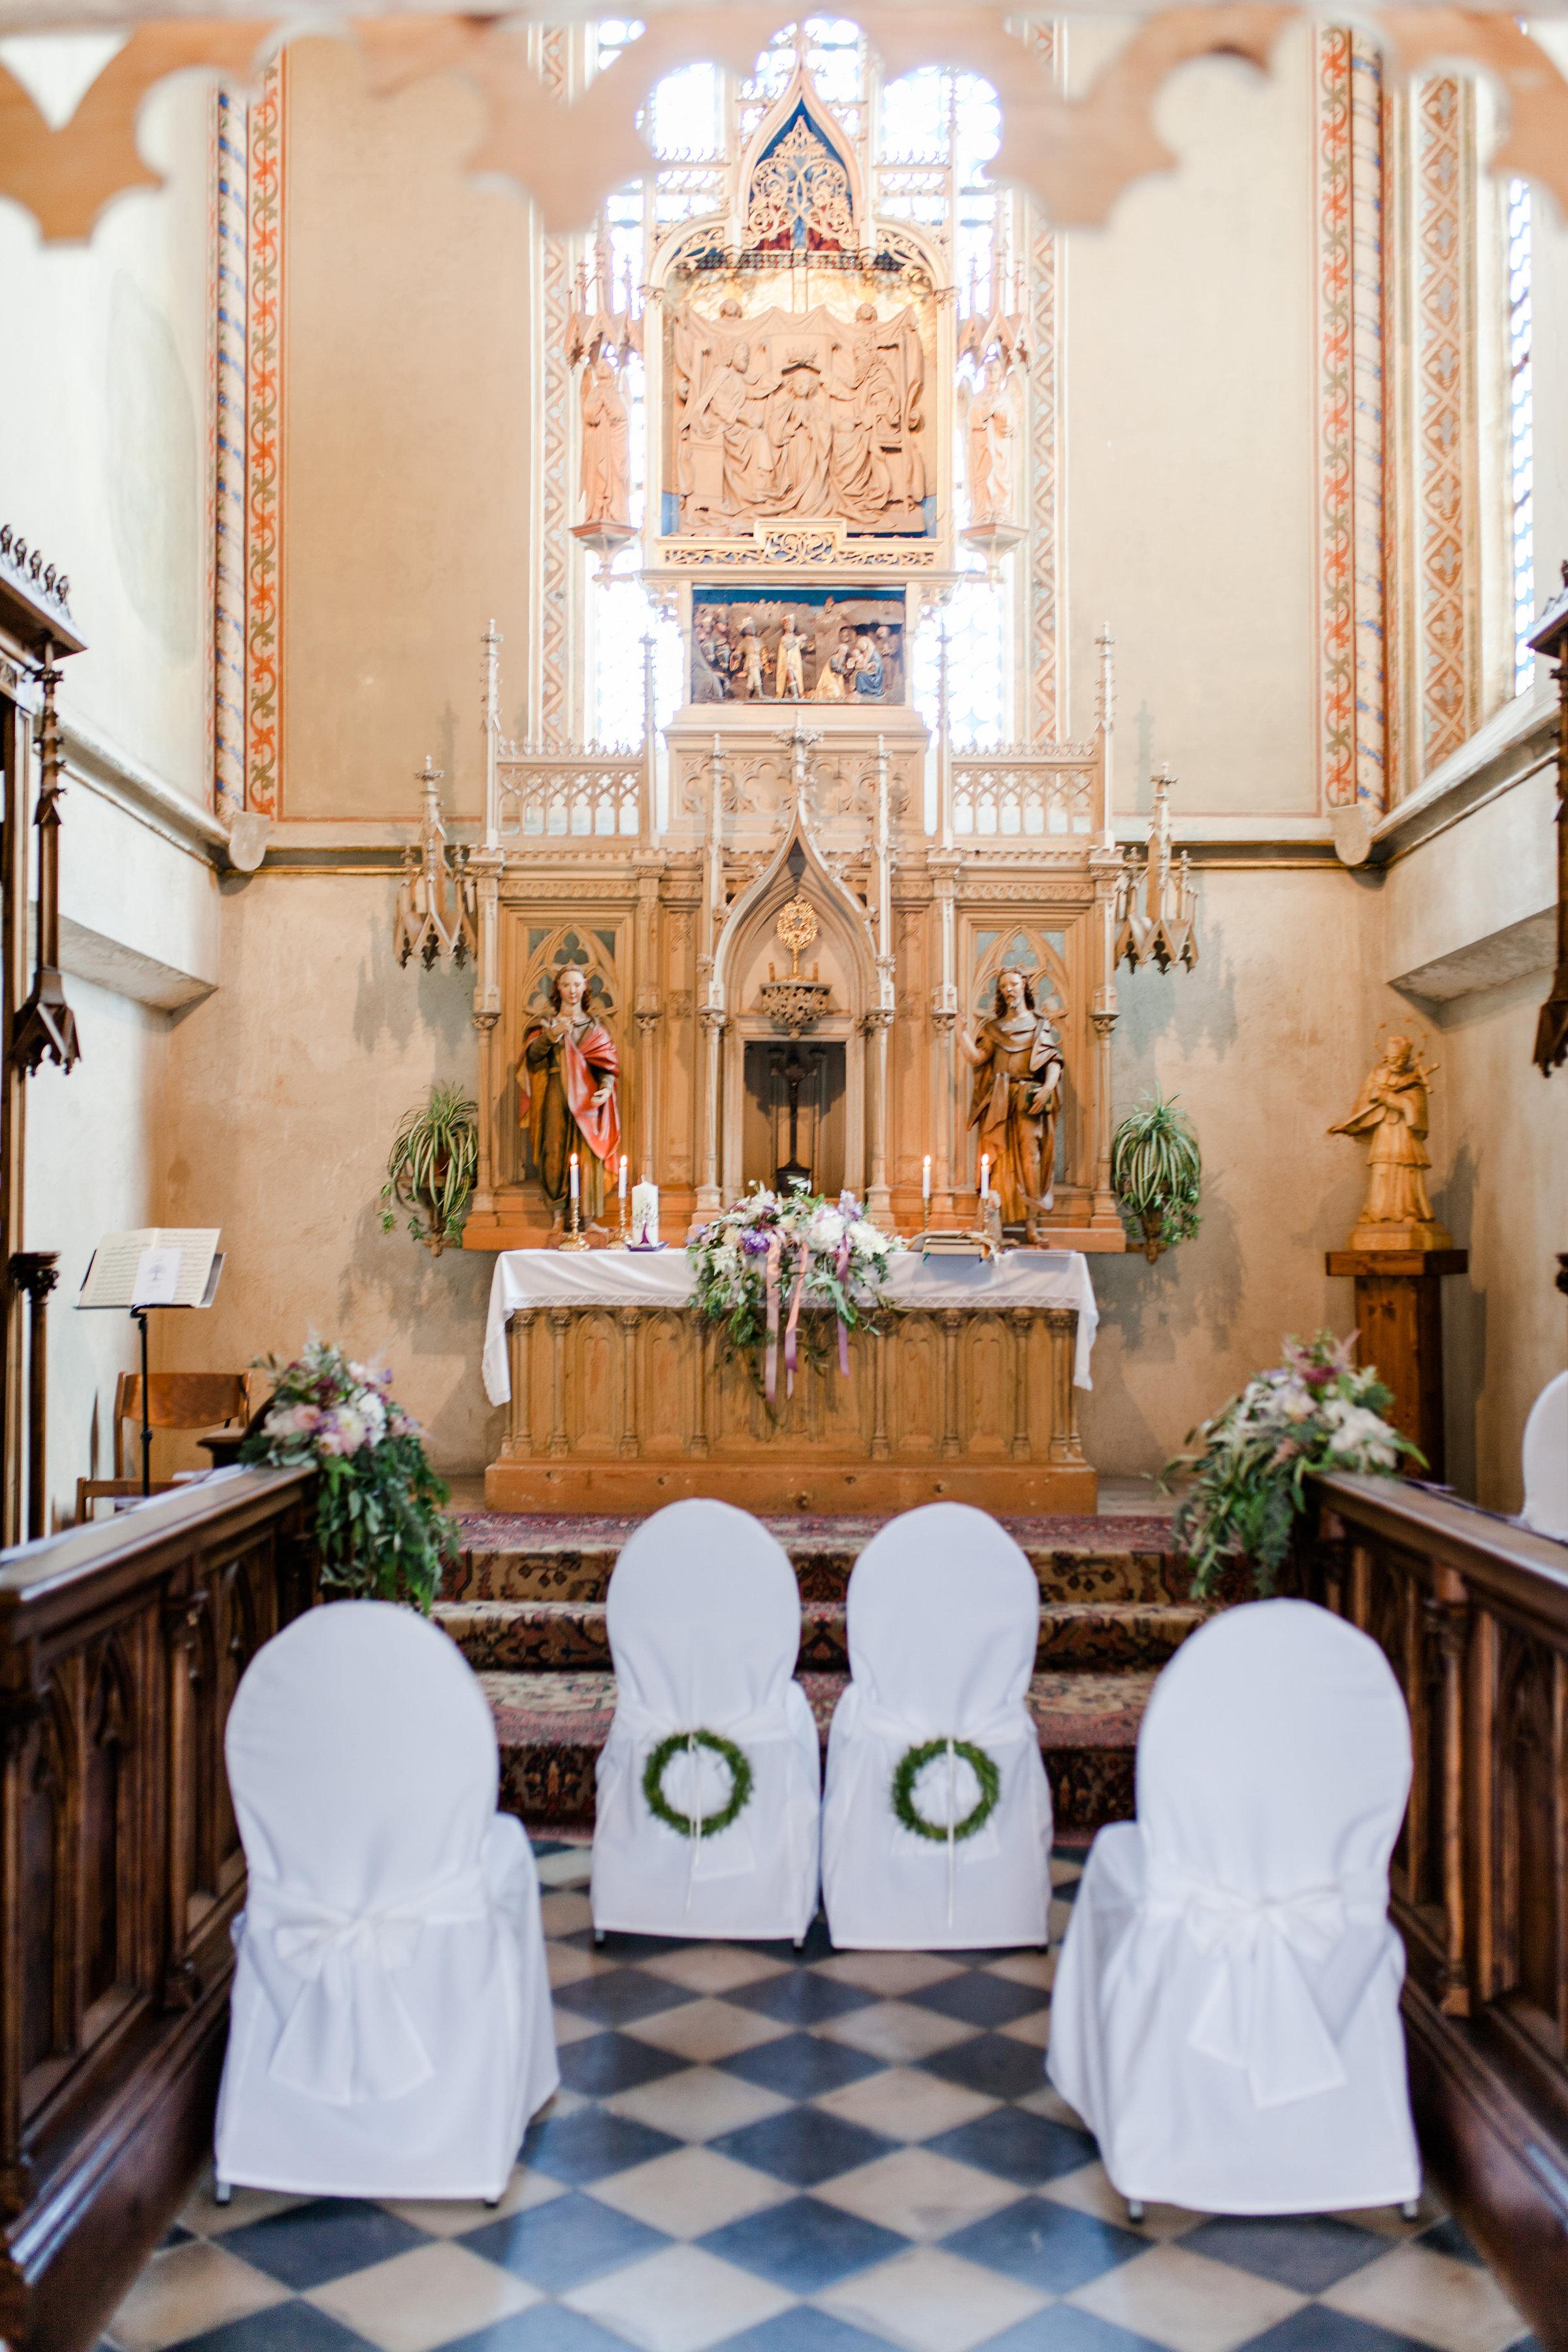 Hochzeit Kriche grosser Altar geschmueckt mit Gestecken die hautsaechlich gruen sind mit rosa und weissen Blumen und in der Mitte weisse Sessel mit gruenem Kranz an der Lehne befestigt